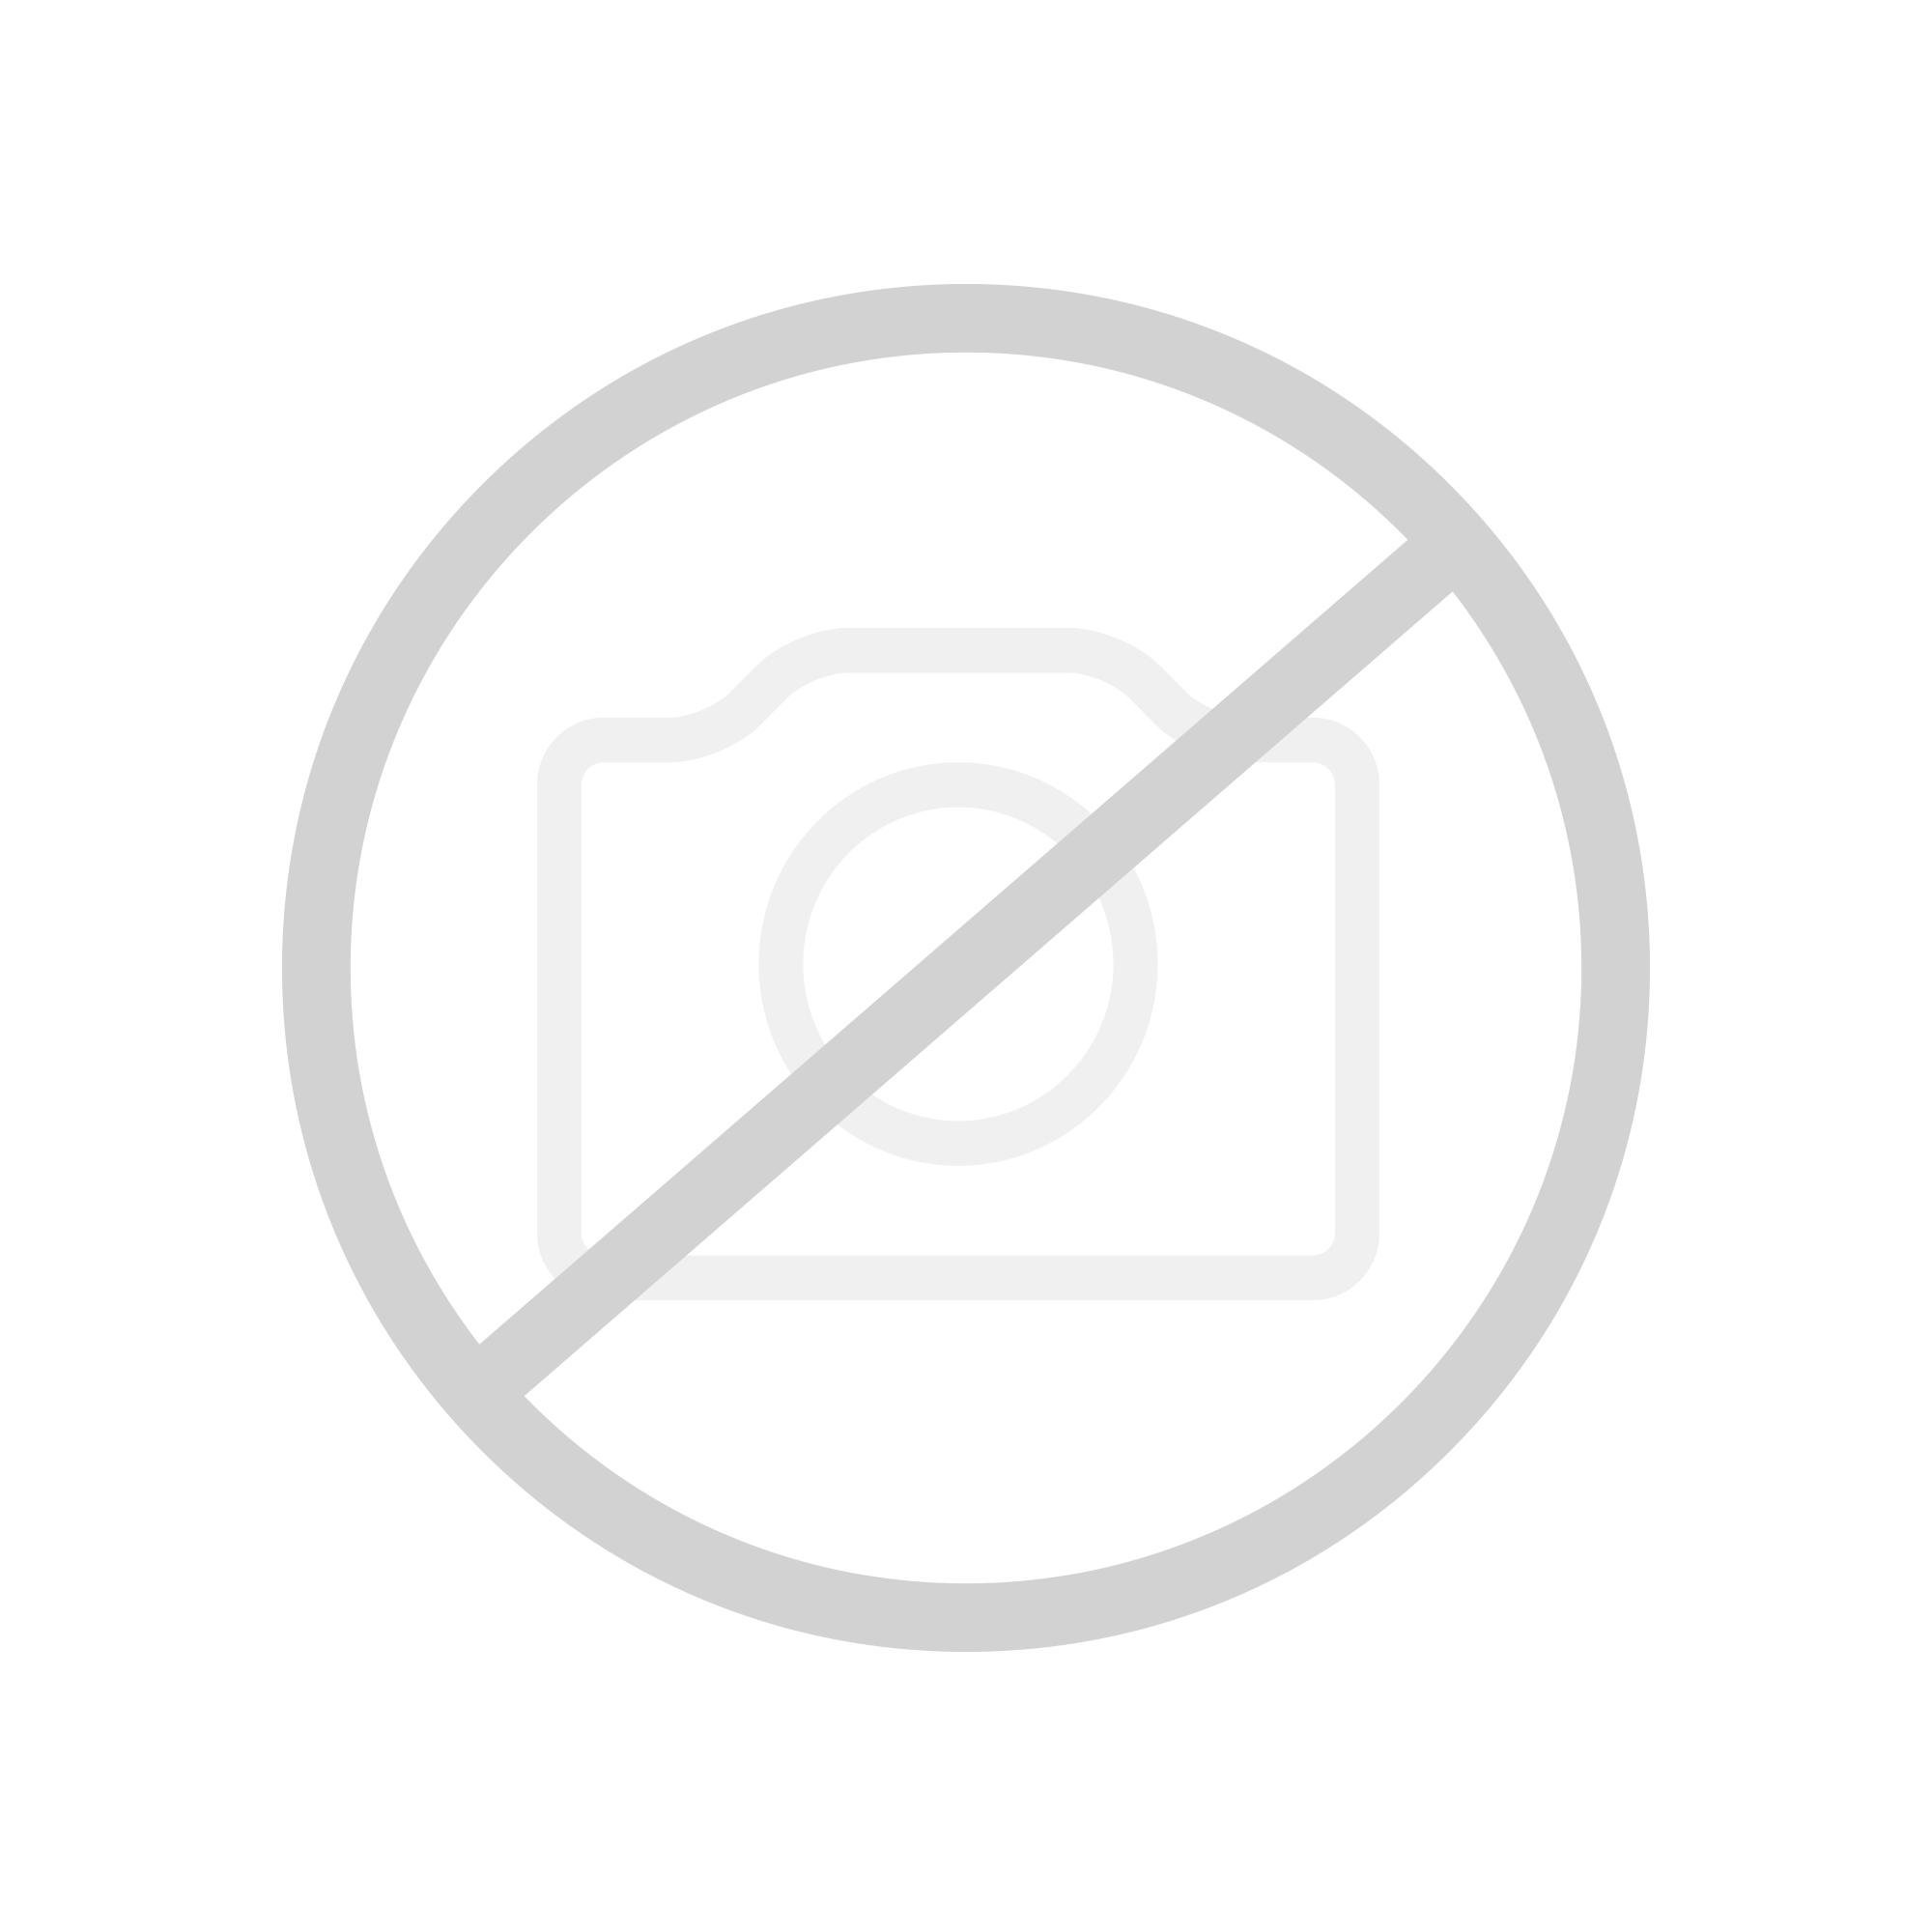 LCD 5051 Wandleuchte